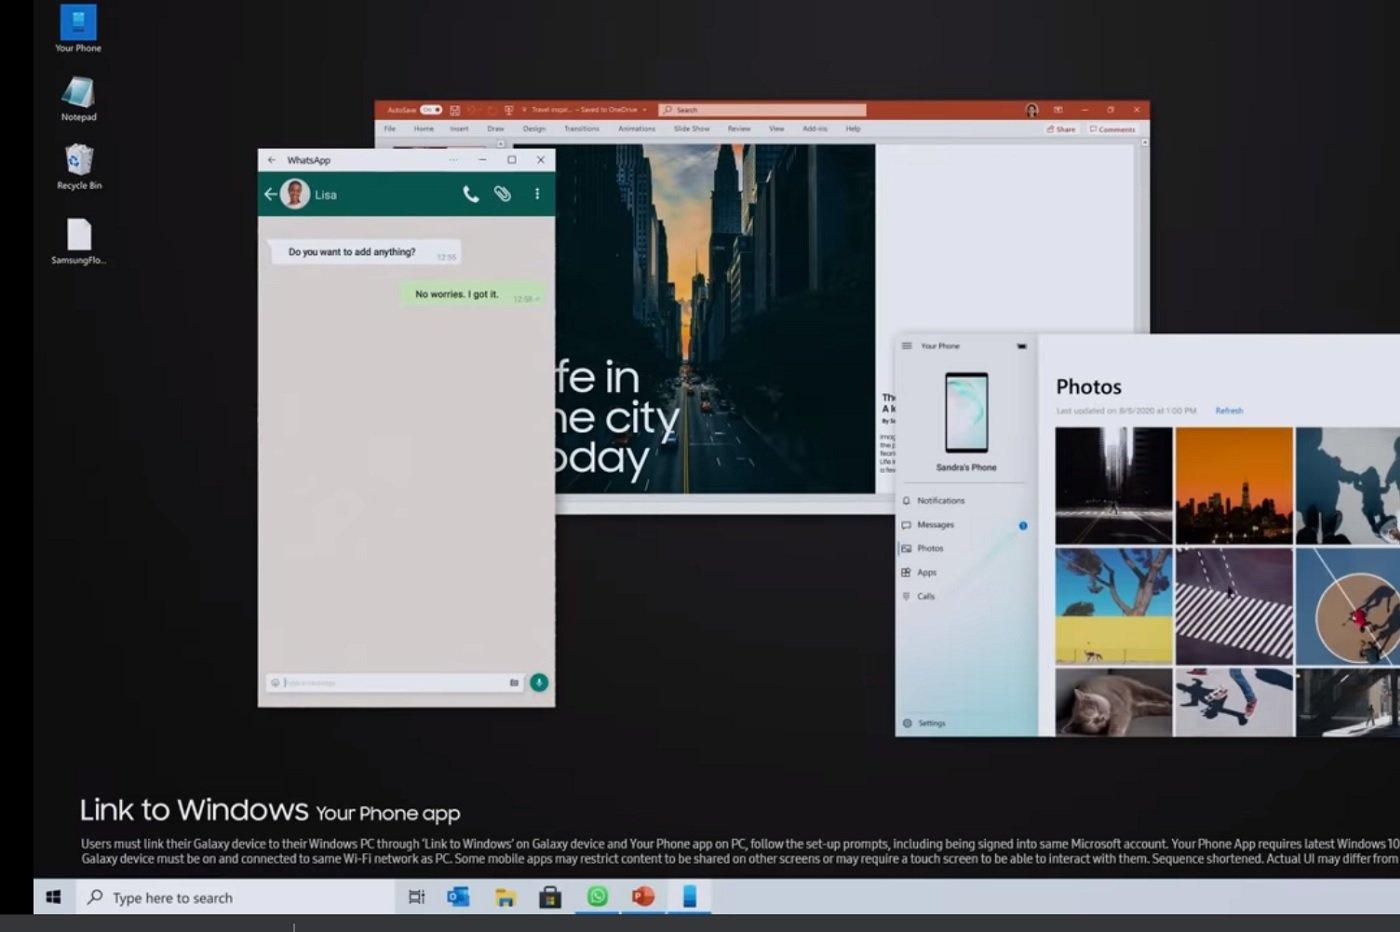 Il sera possible de lancer la version mobile de WhatsApp sur une fenêtre Windows